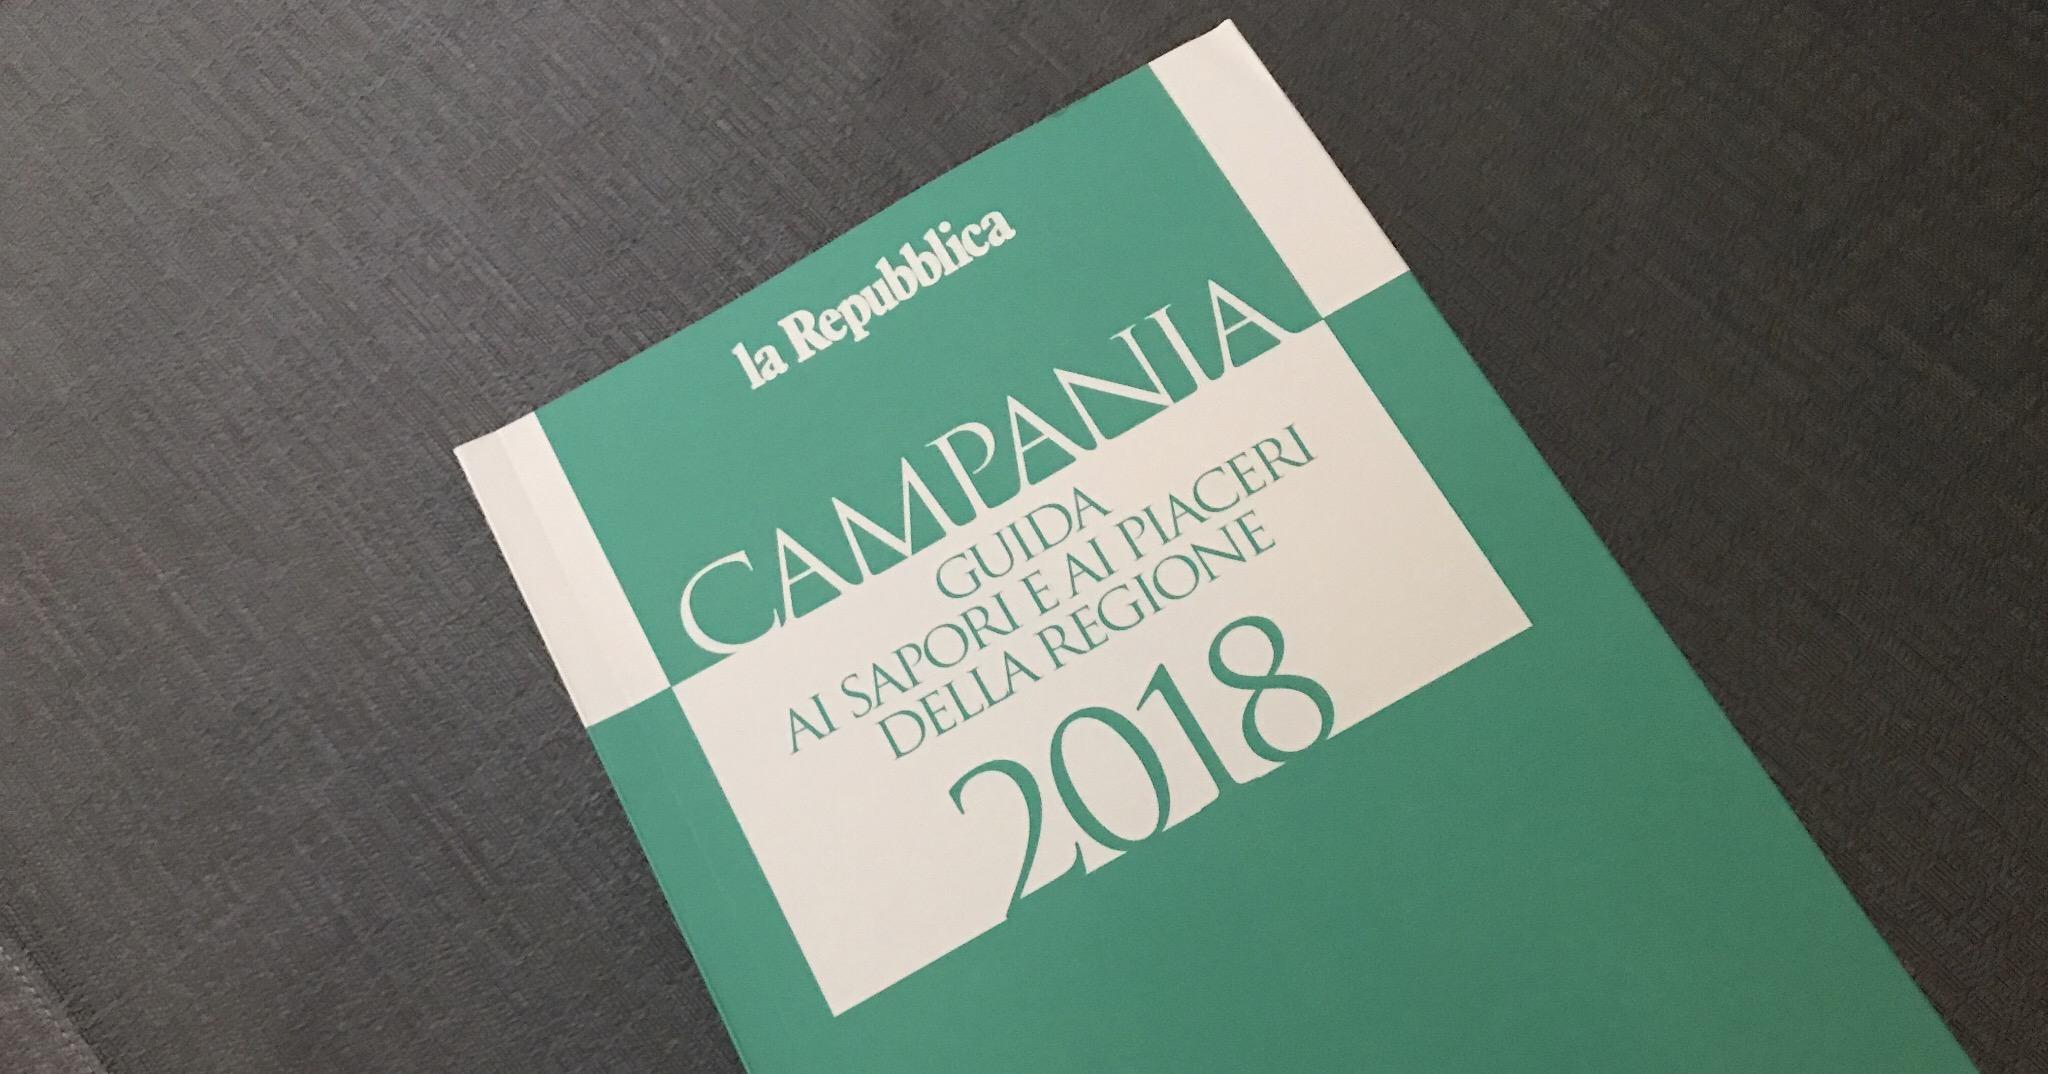 Guida Repubblica 2018 Campania enogastronomia